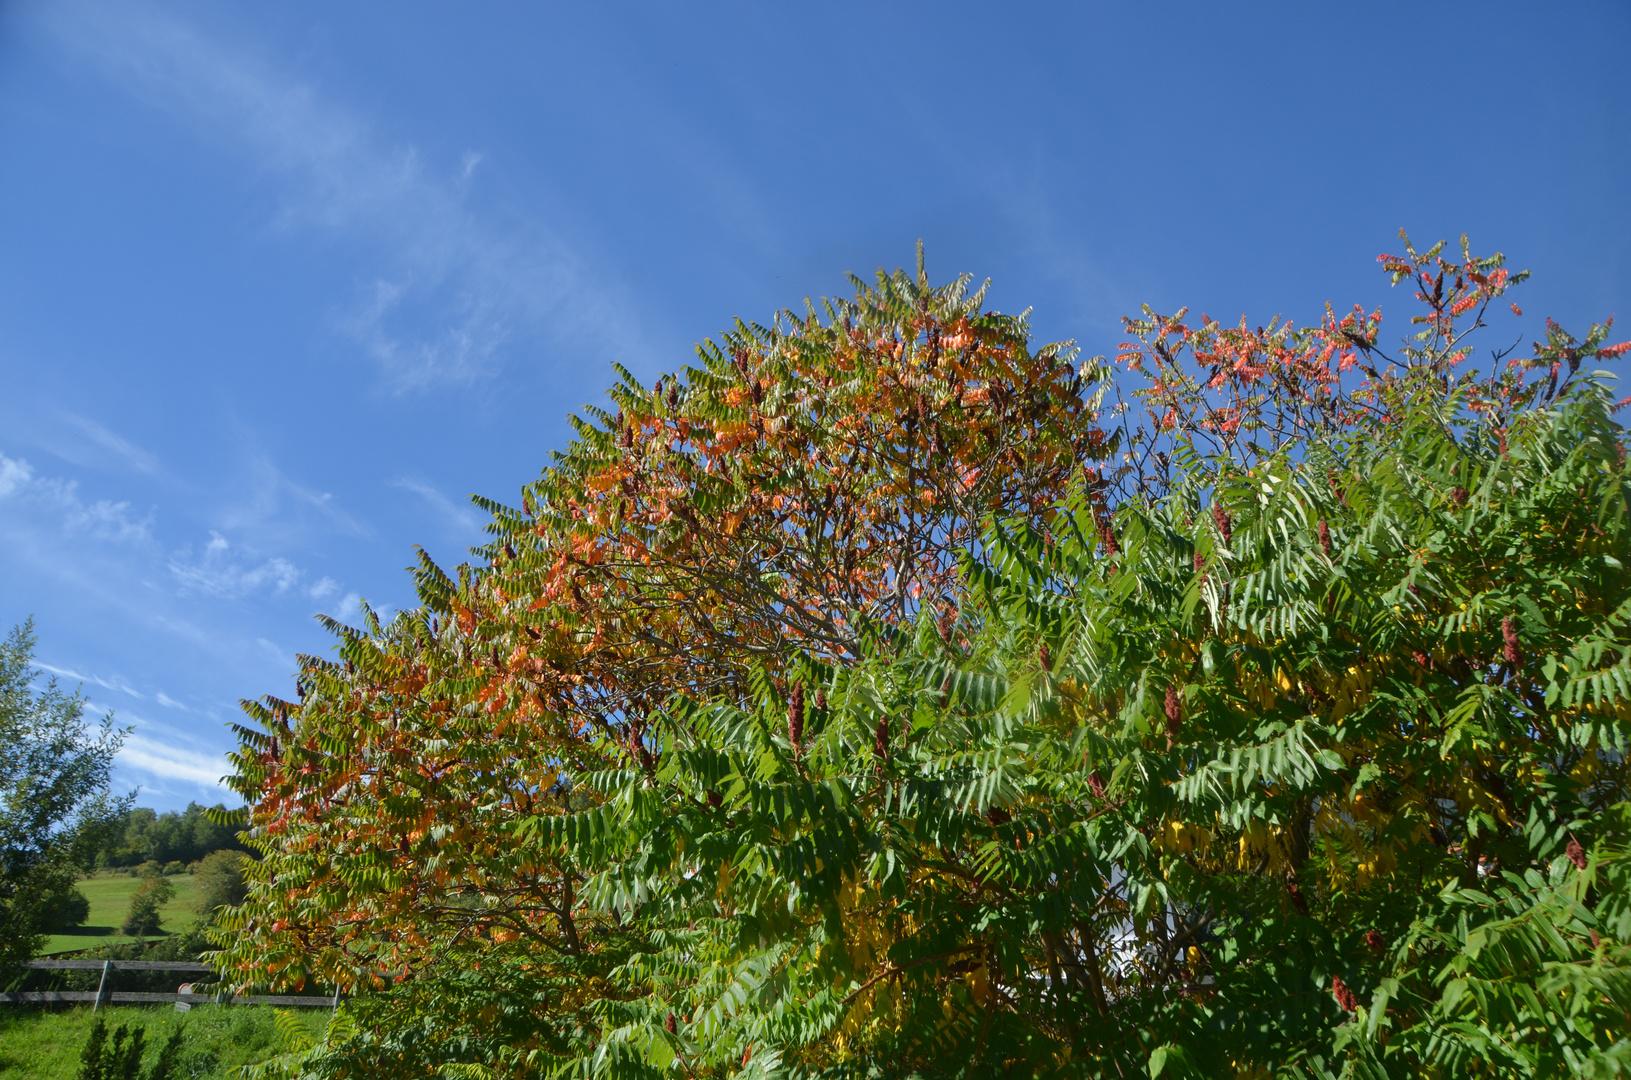 Herbstfarben in der Sonne